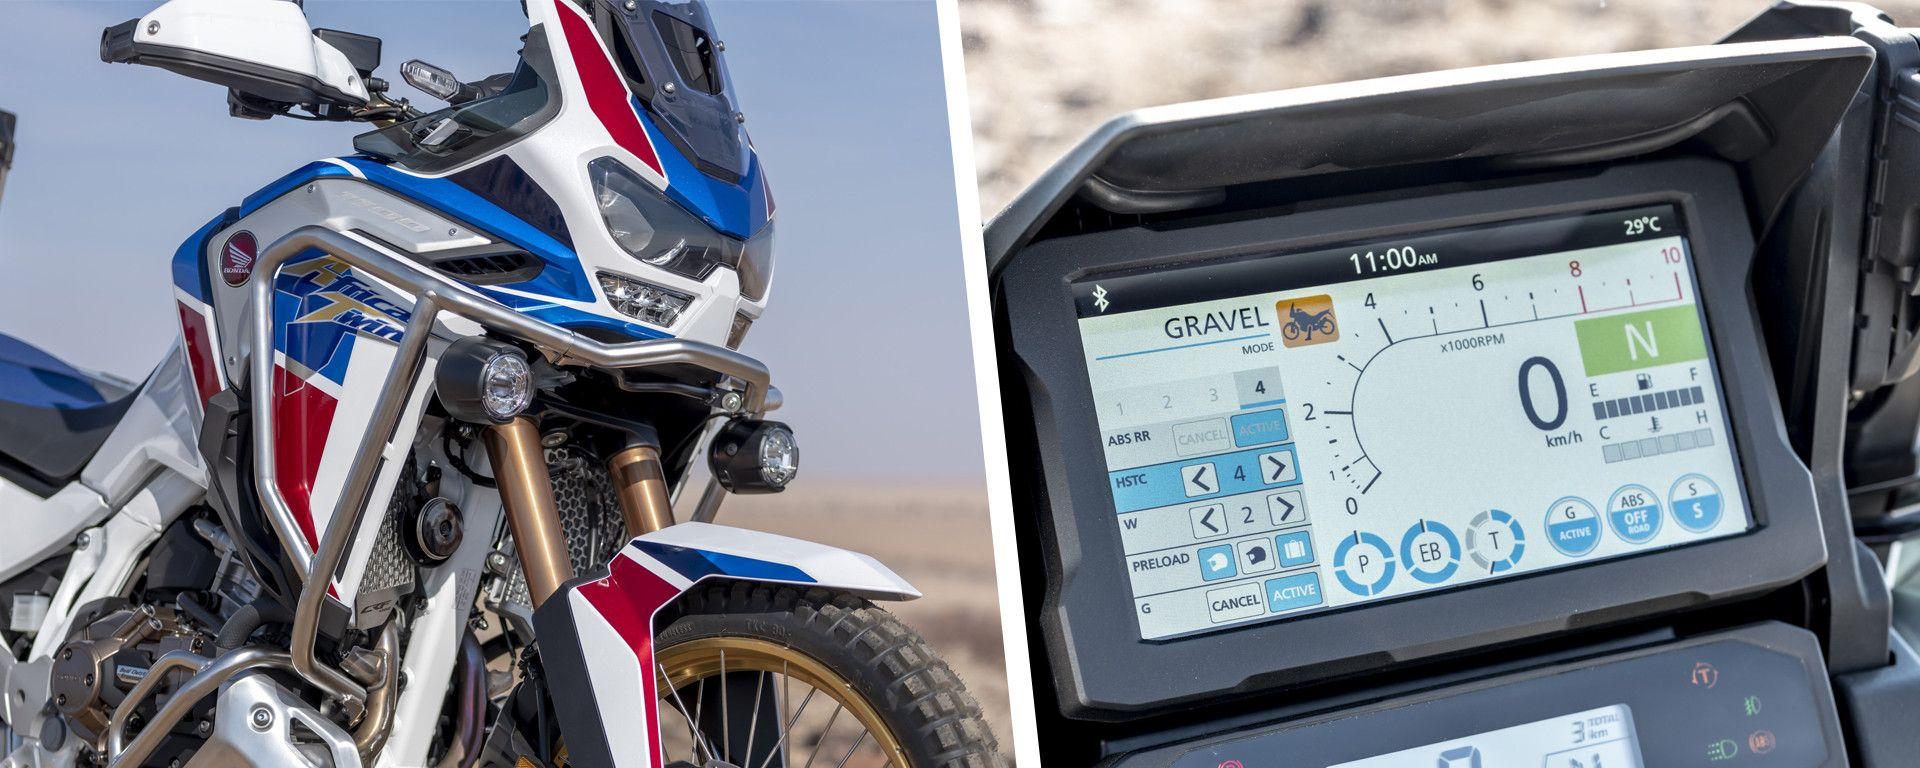 Honda Africa Twin 1100: il tutorial per imparare ad usare la strumentazione